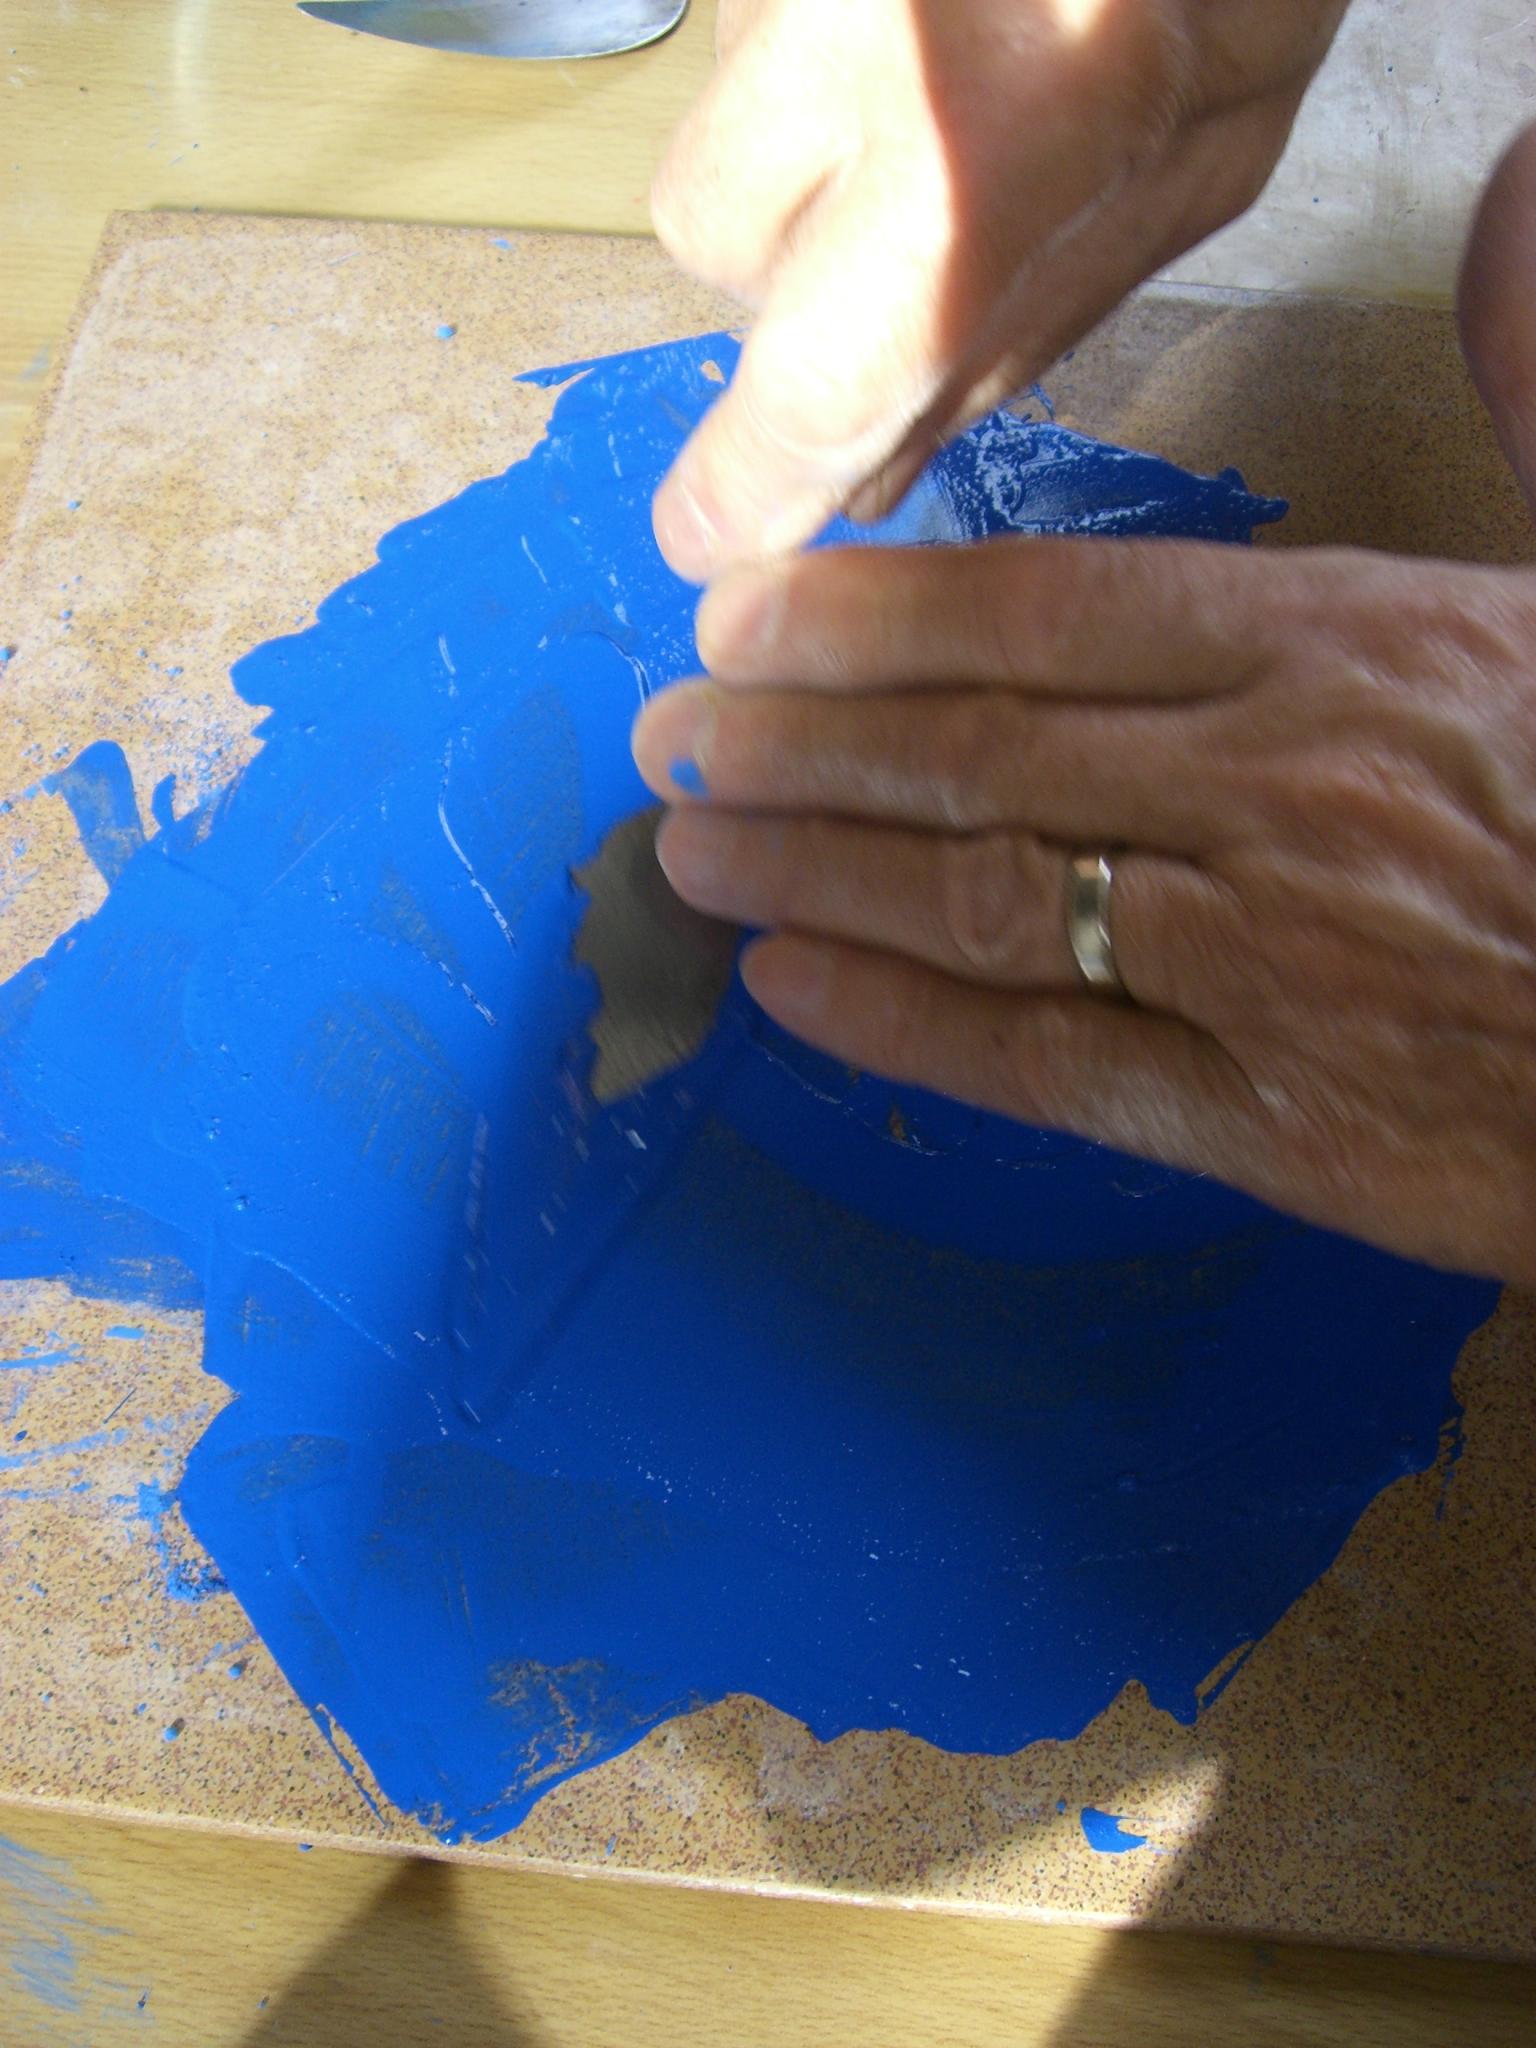 Broyer le bleu de cobalt